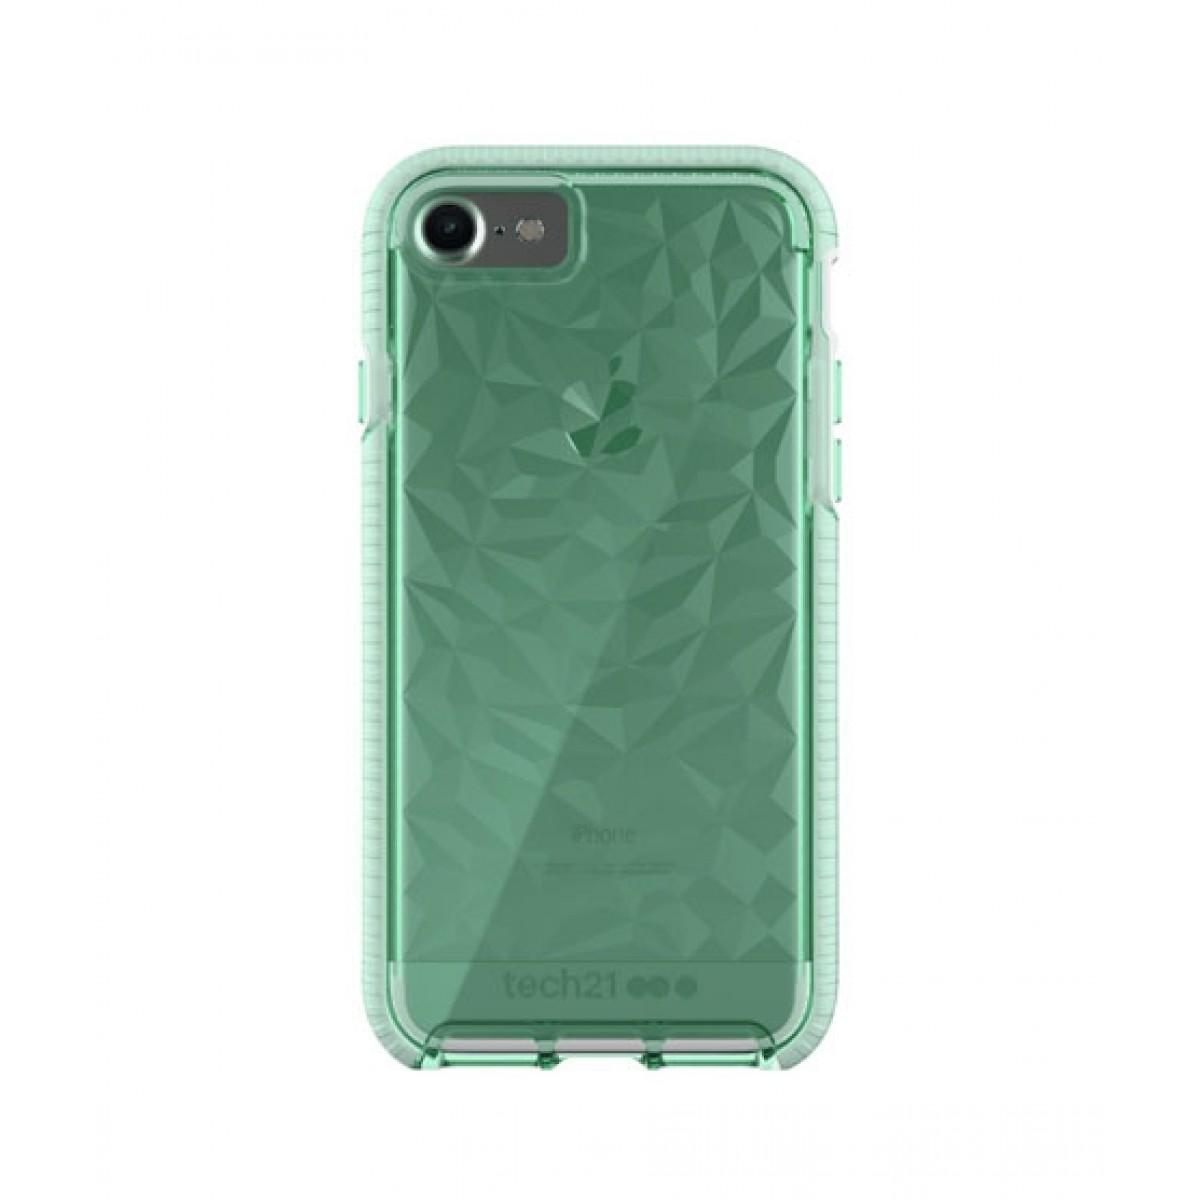 promo code d77d1 ba0a1 Tech21 Evo Gem Green Case for iPhone 8